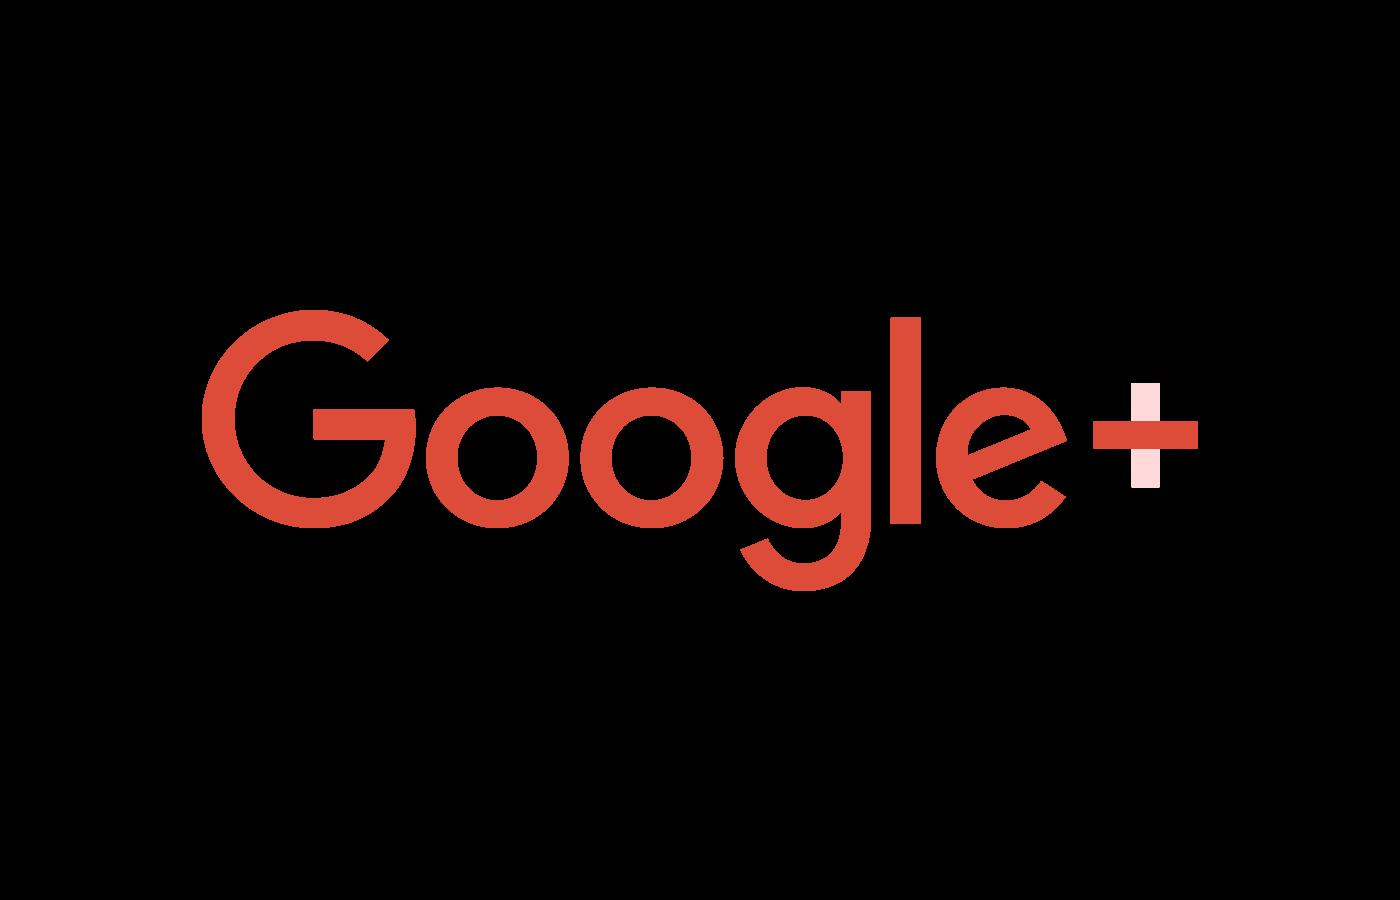 Google±: кінець ери легендарної соцмережі